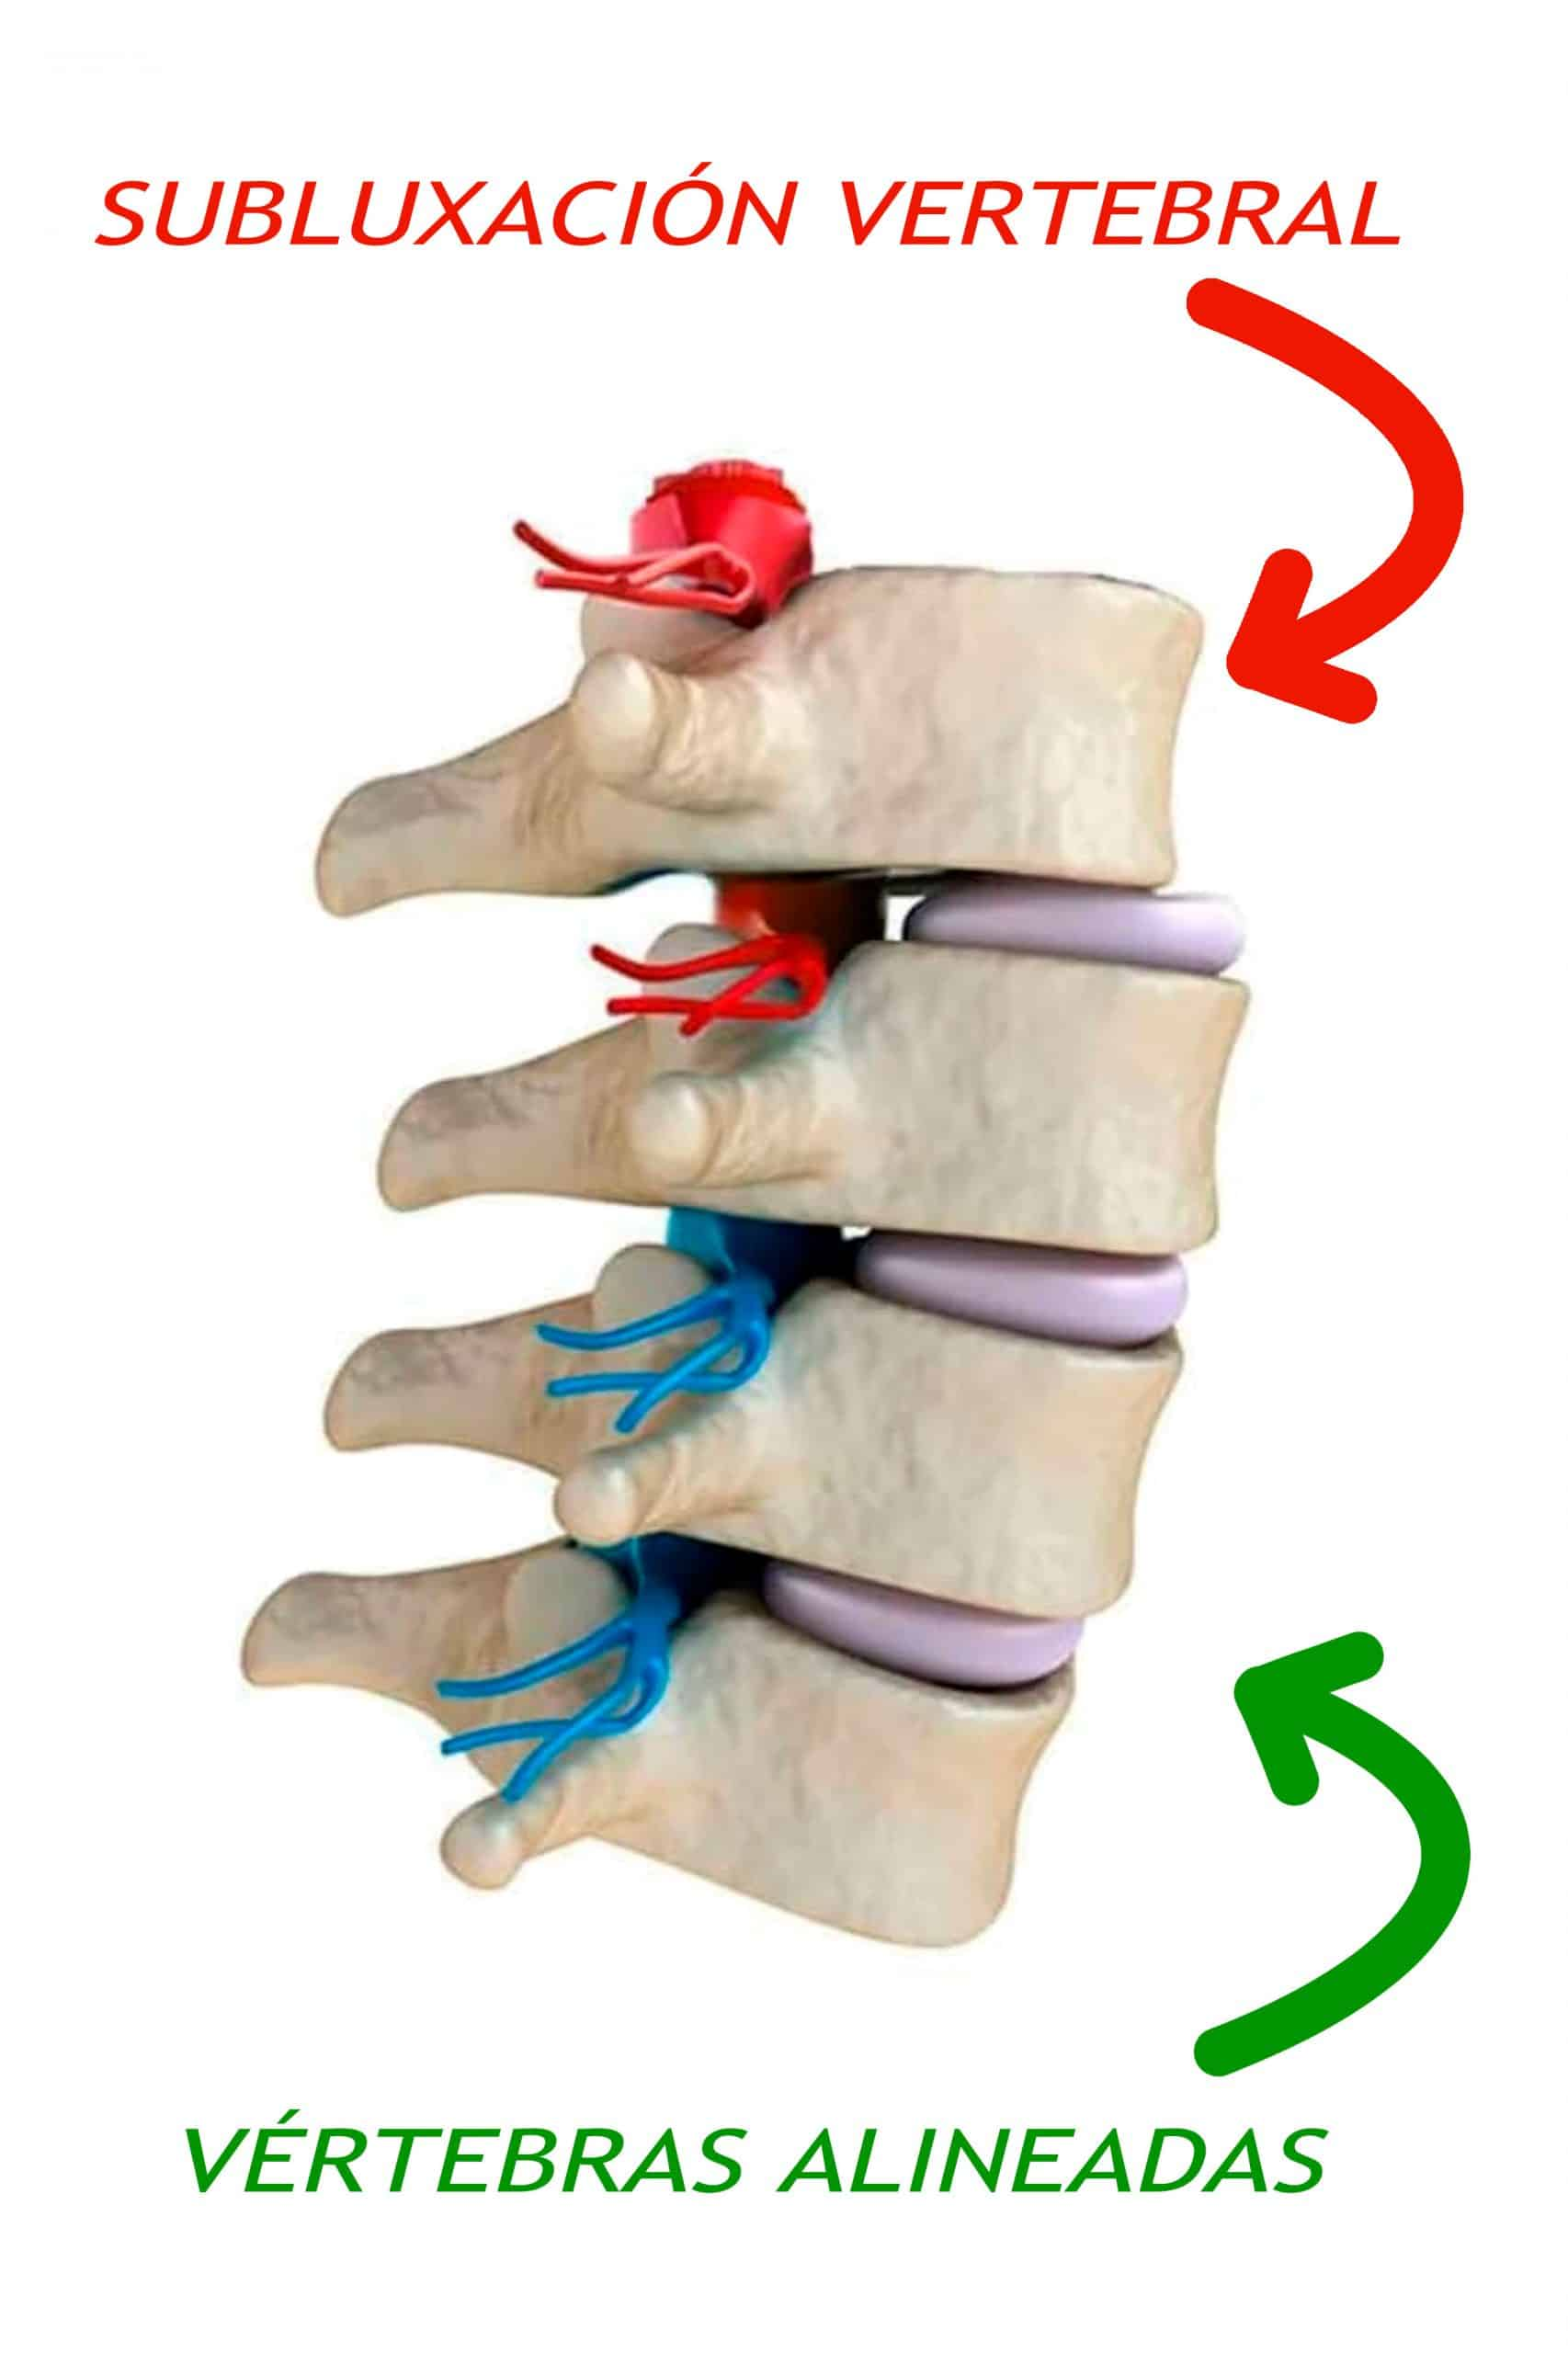 Quiropráctica subluxación vertebral